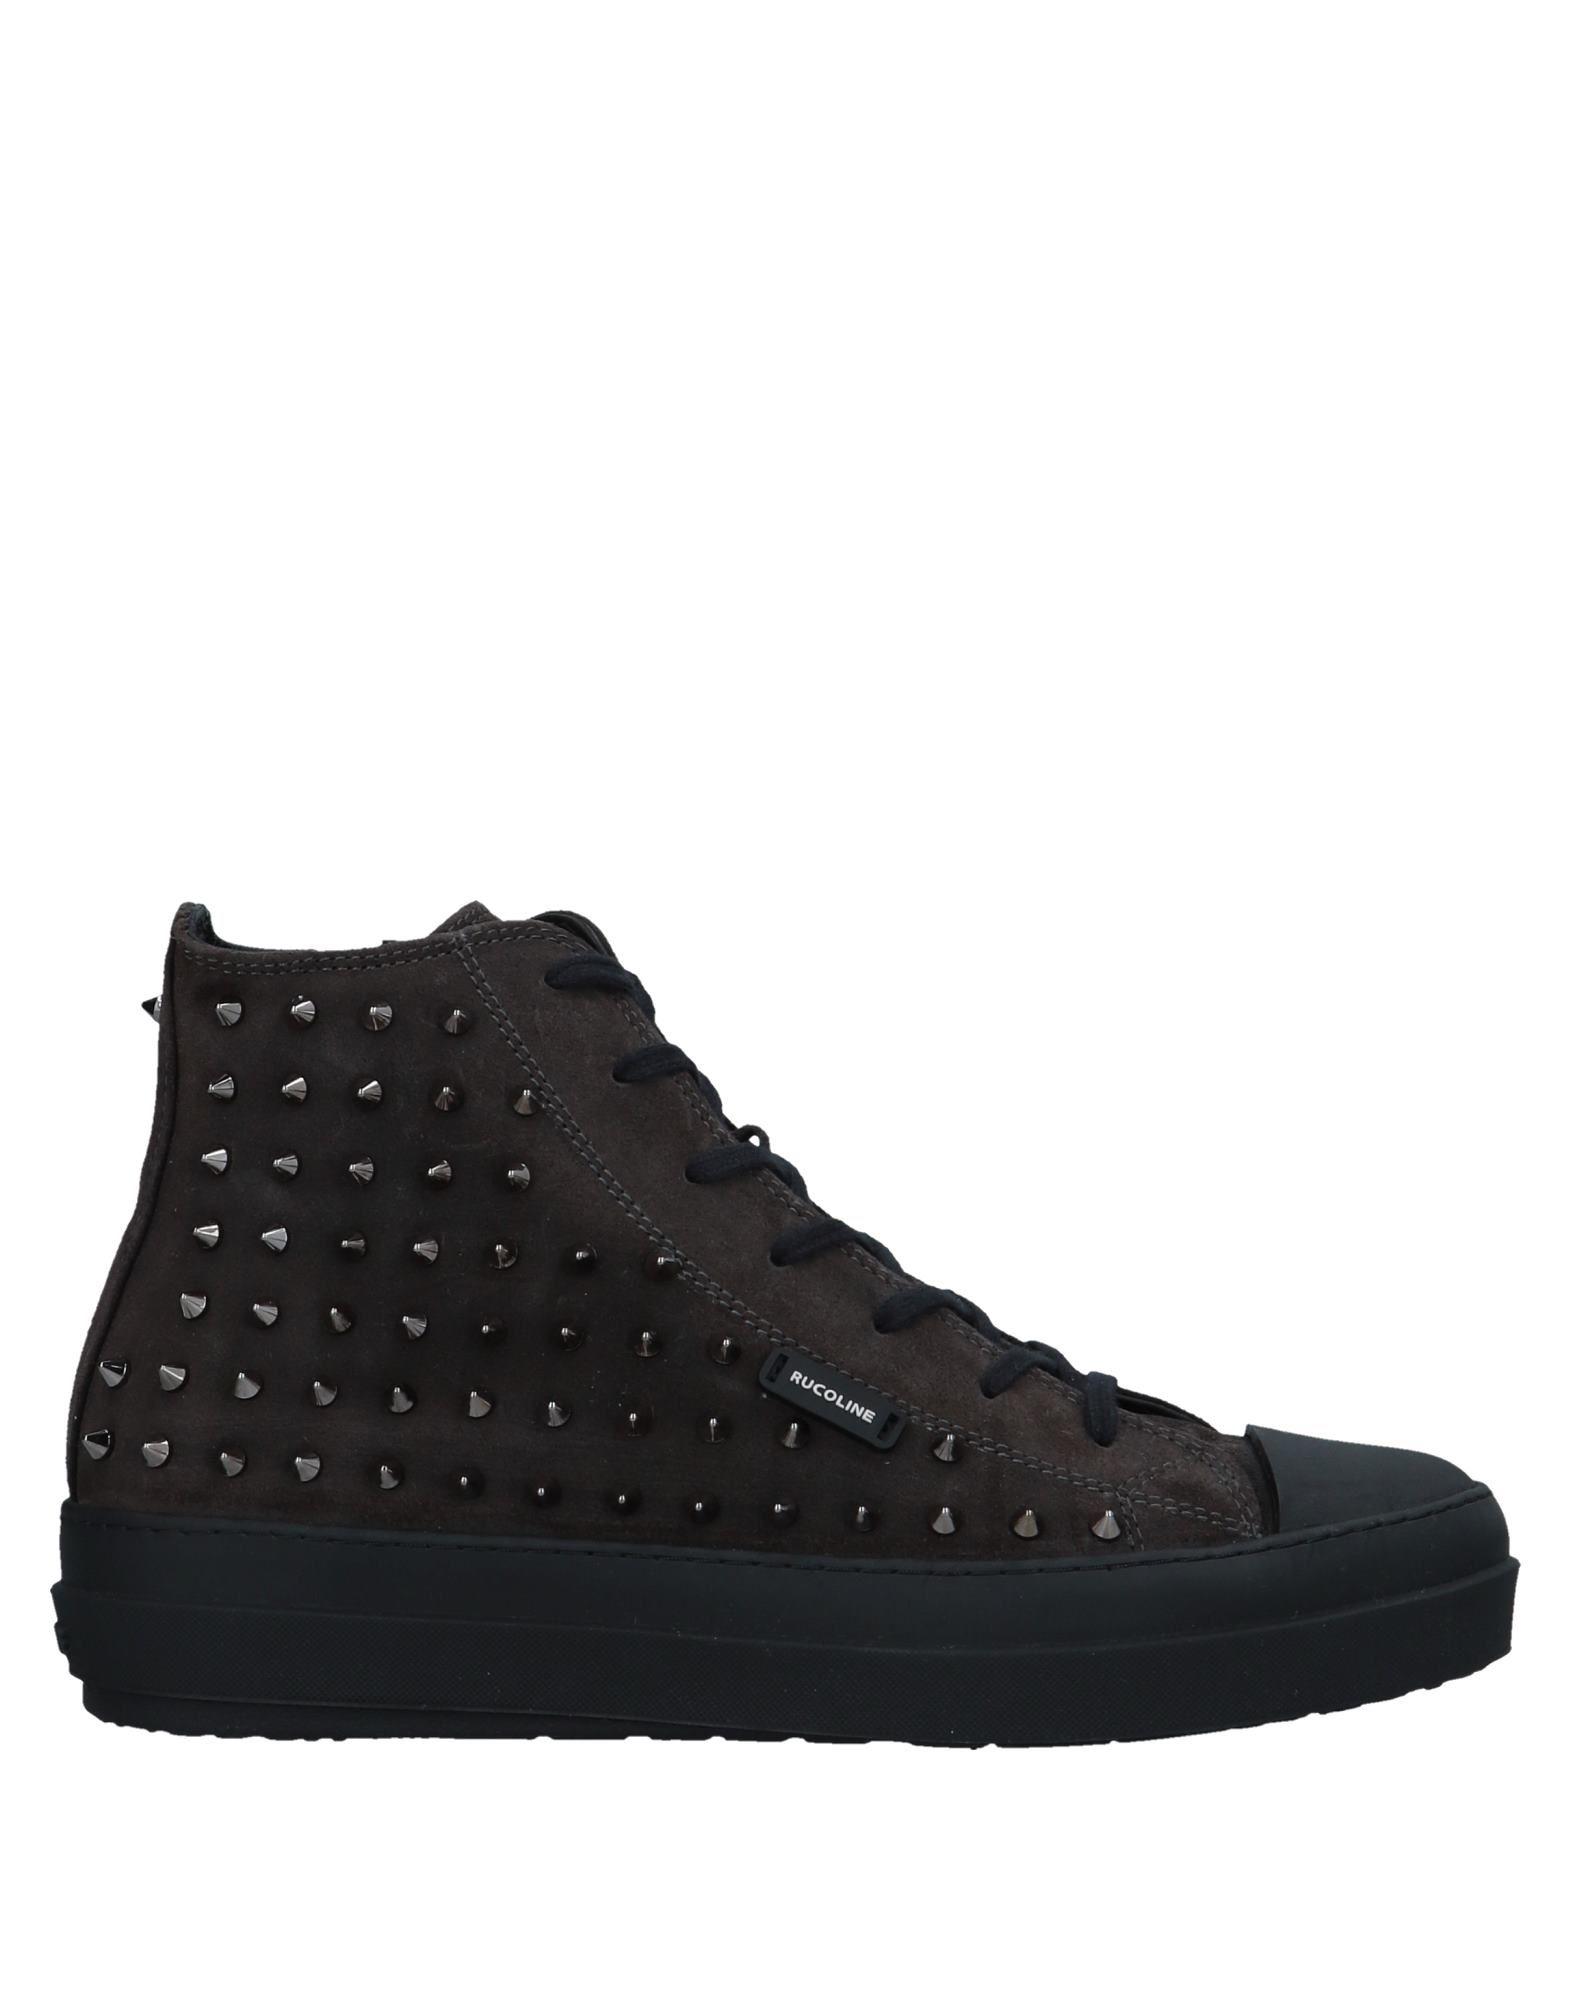 Ruco Line Sneakers Qualität Herren  11544692QG Gute Qualität Sneakers beliebte Schuhe d3423c